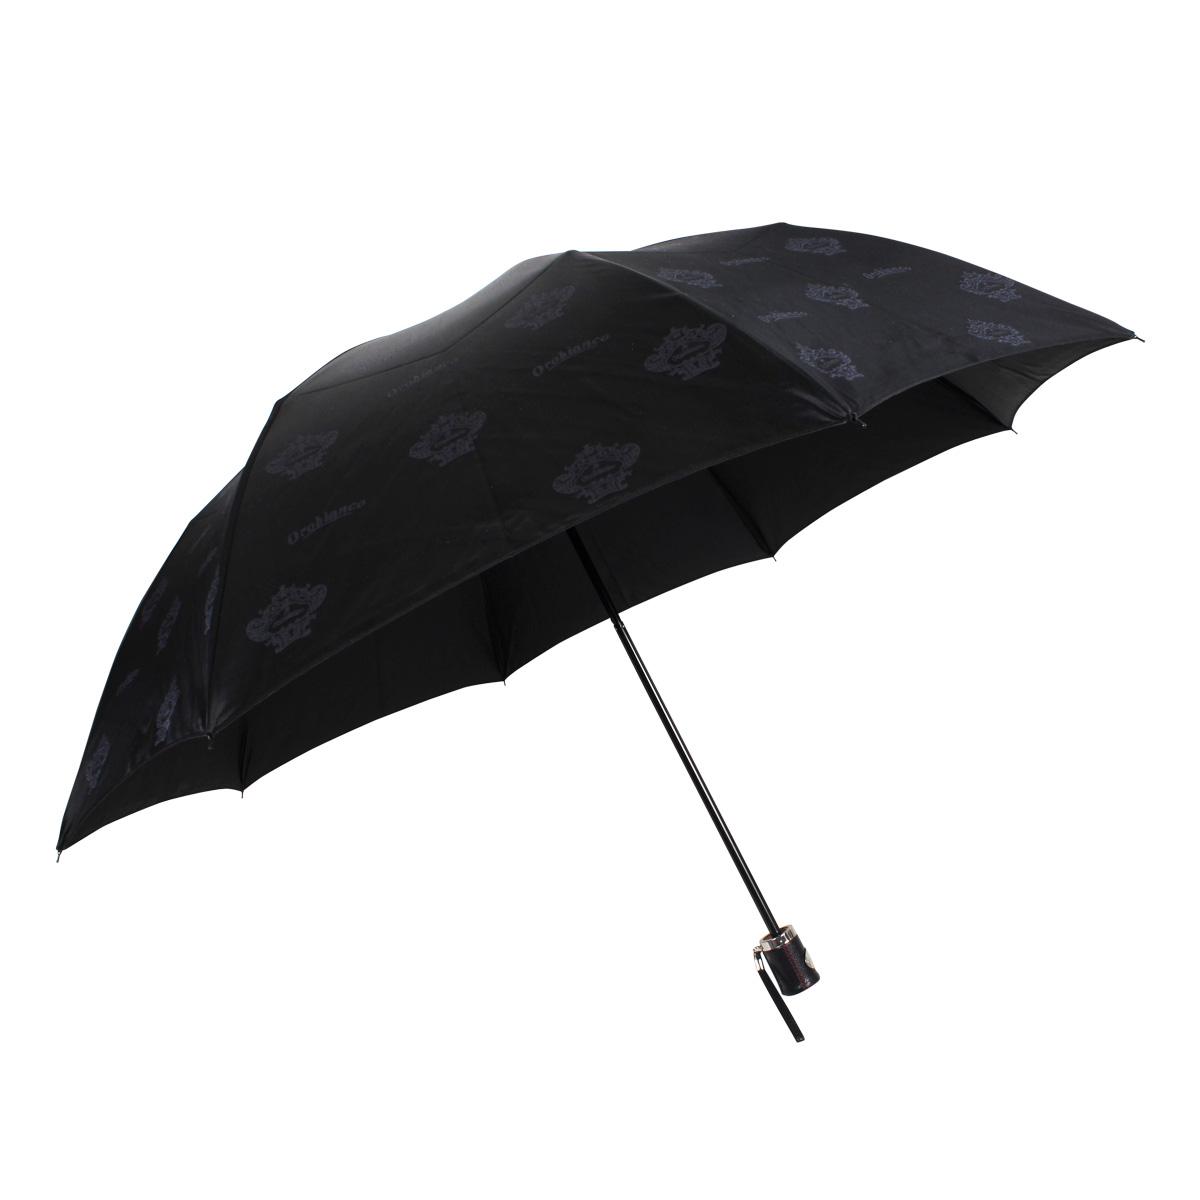 送料無料 メーカー公式 あす楽対応 オロビアンコ Orobianco 折りたたみ傘 雨傘 軽量 丈夫 雨具 折り畳み レディース 最大1000円OFFクーポン 2020 607020002 メンズ 黒 コロナロゴ ブラック